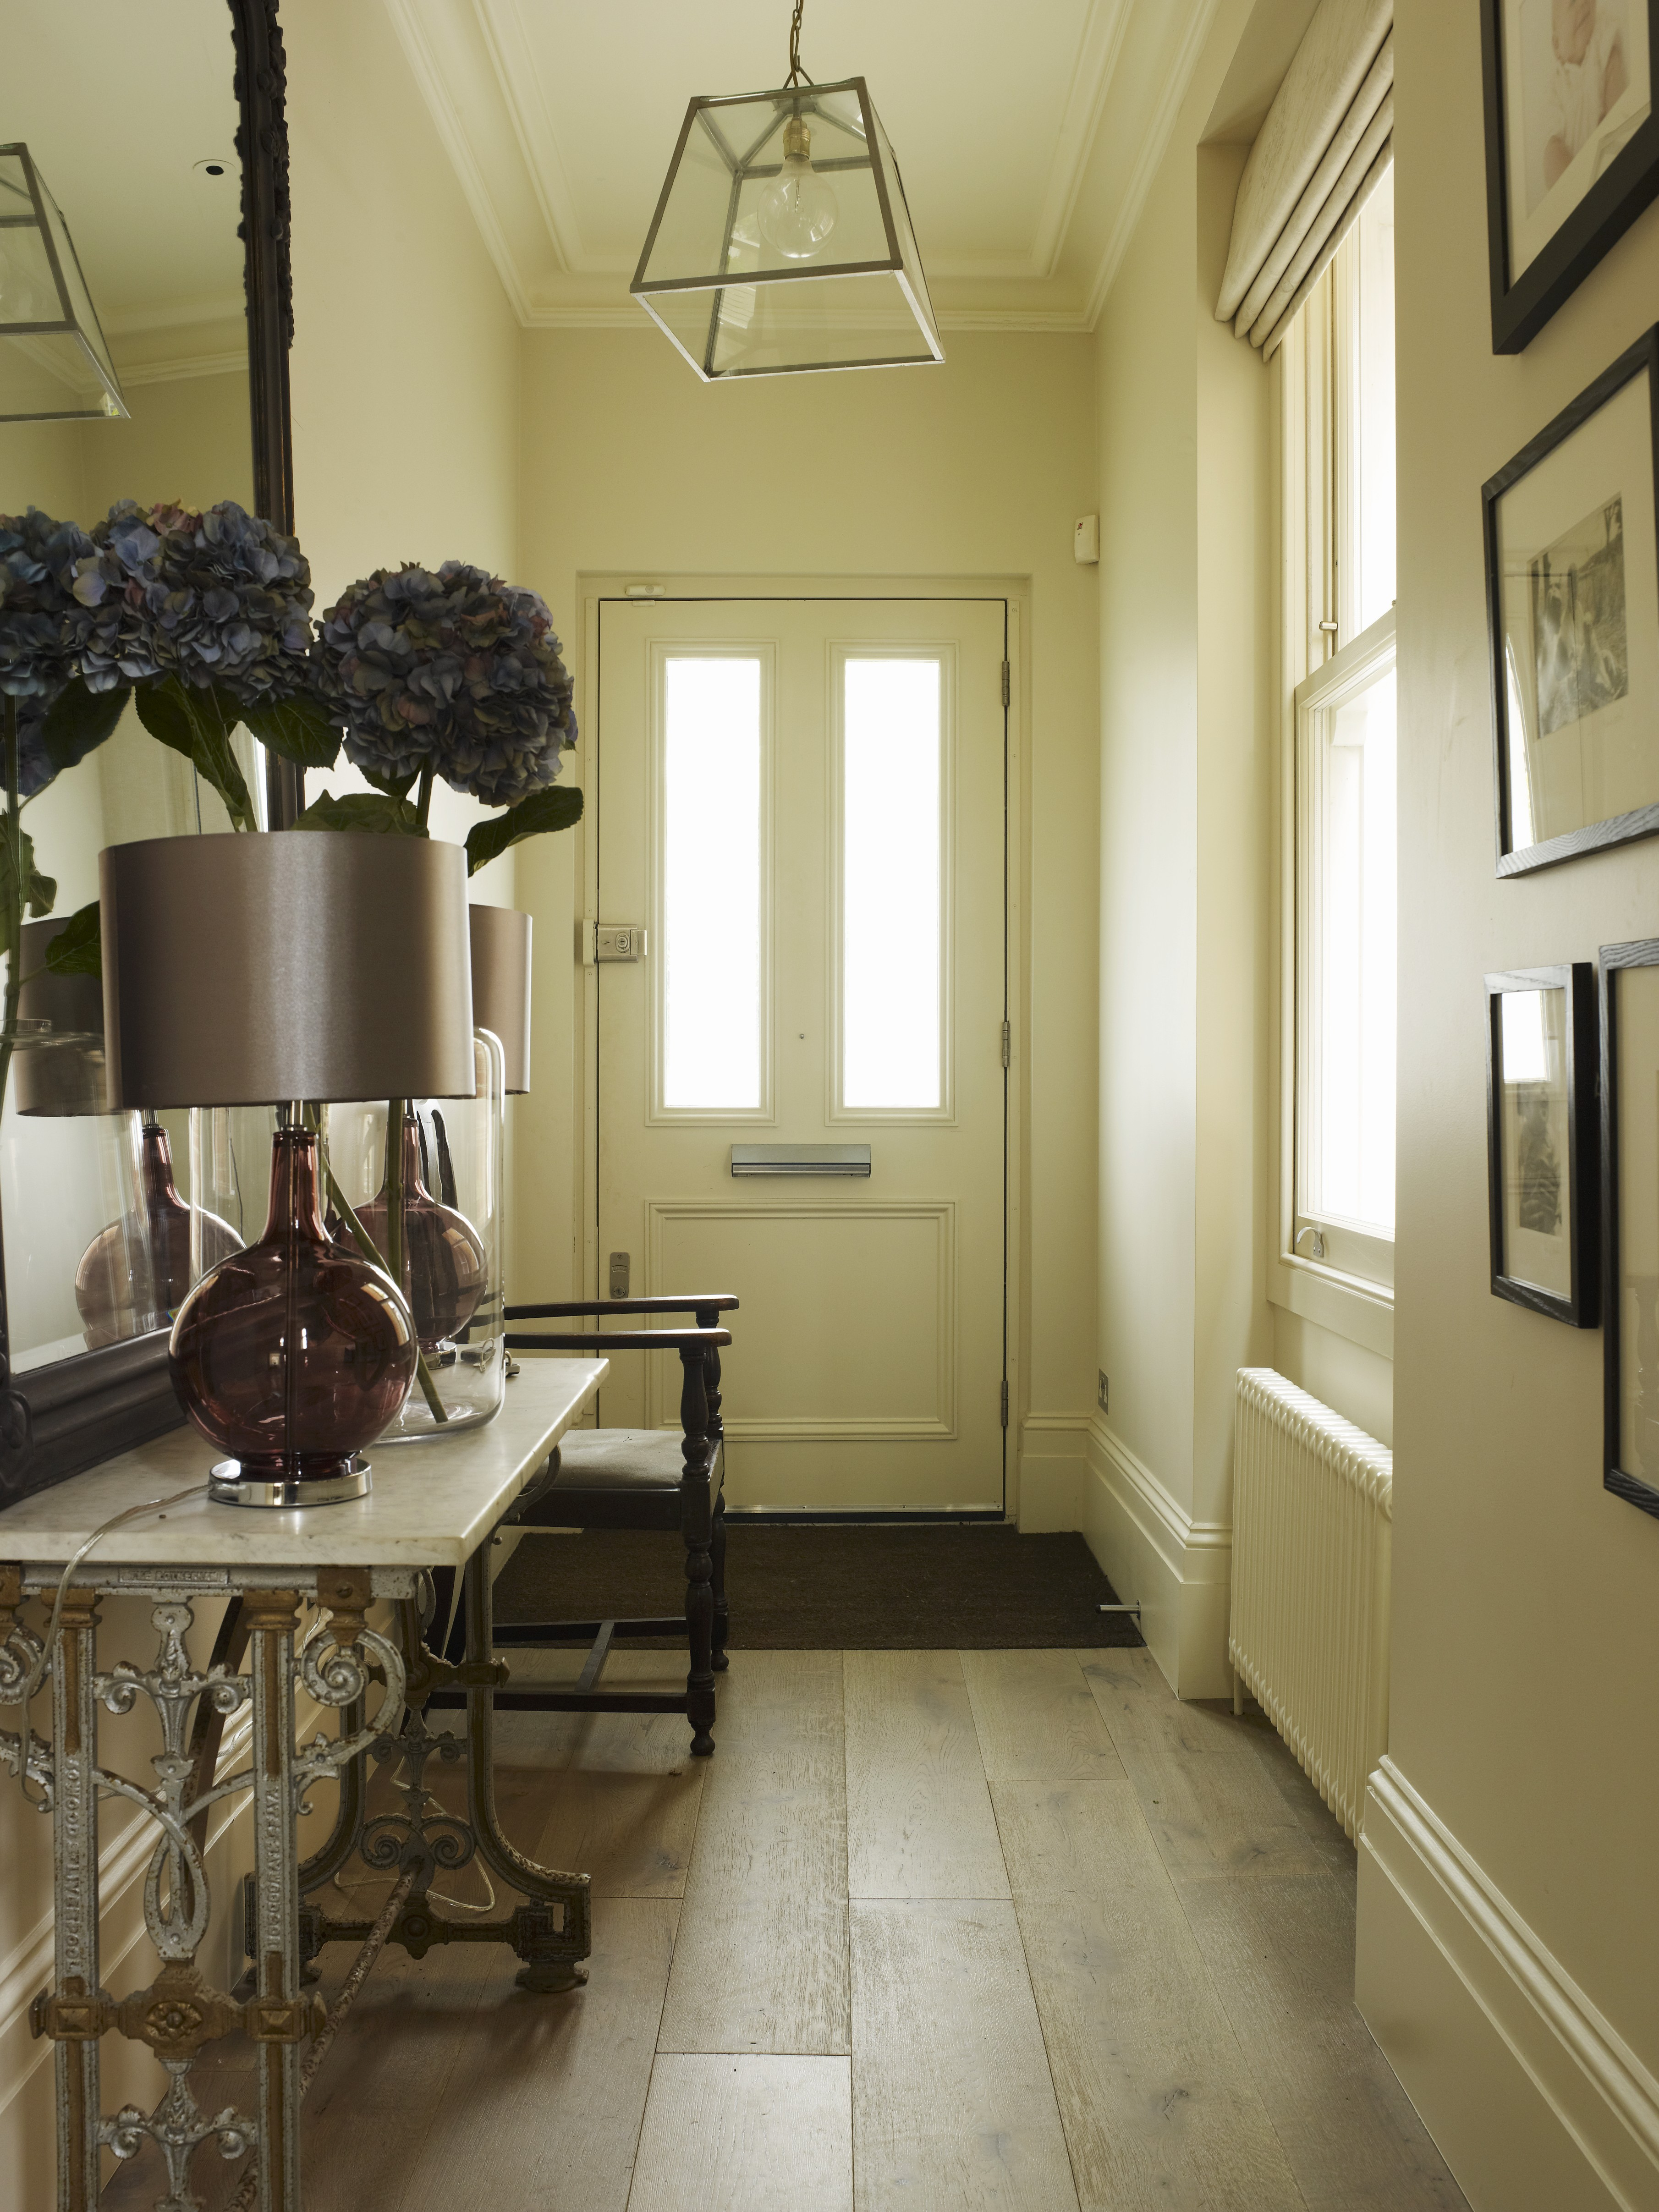 ratgeber wohnen wie der flur einladend gestaltet wird warnholz immobilien gmbh firmenblog. Black Bedroom Furniture Sets. Home Design Ideas